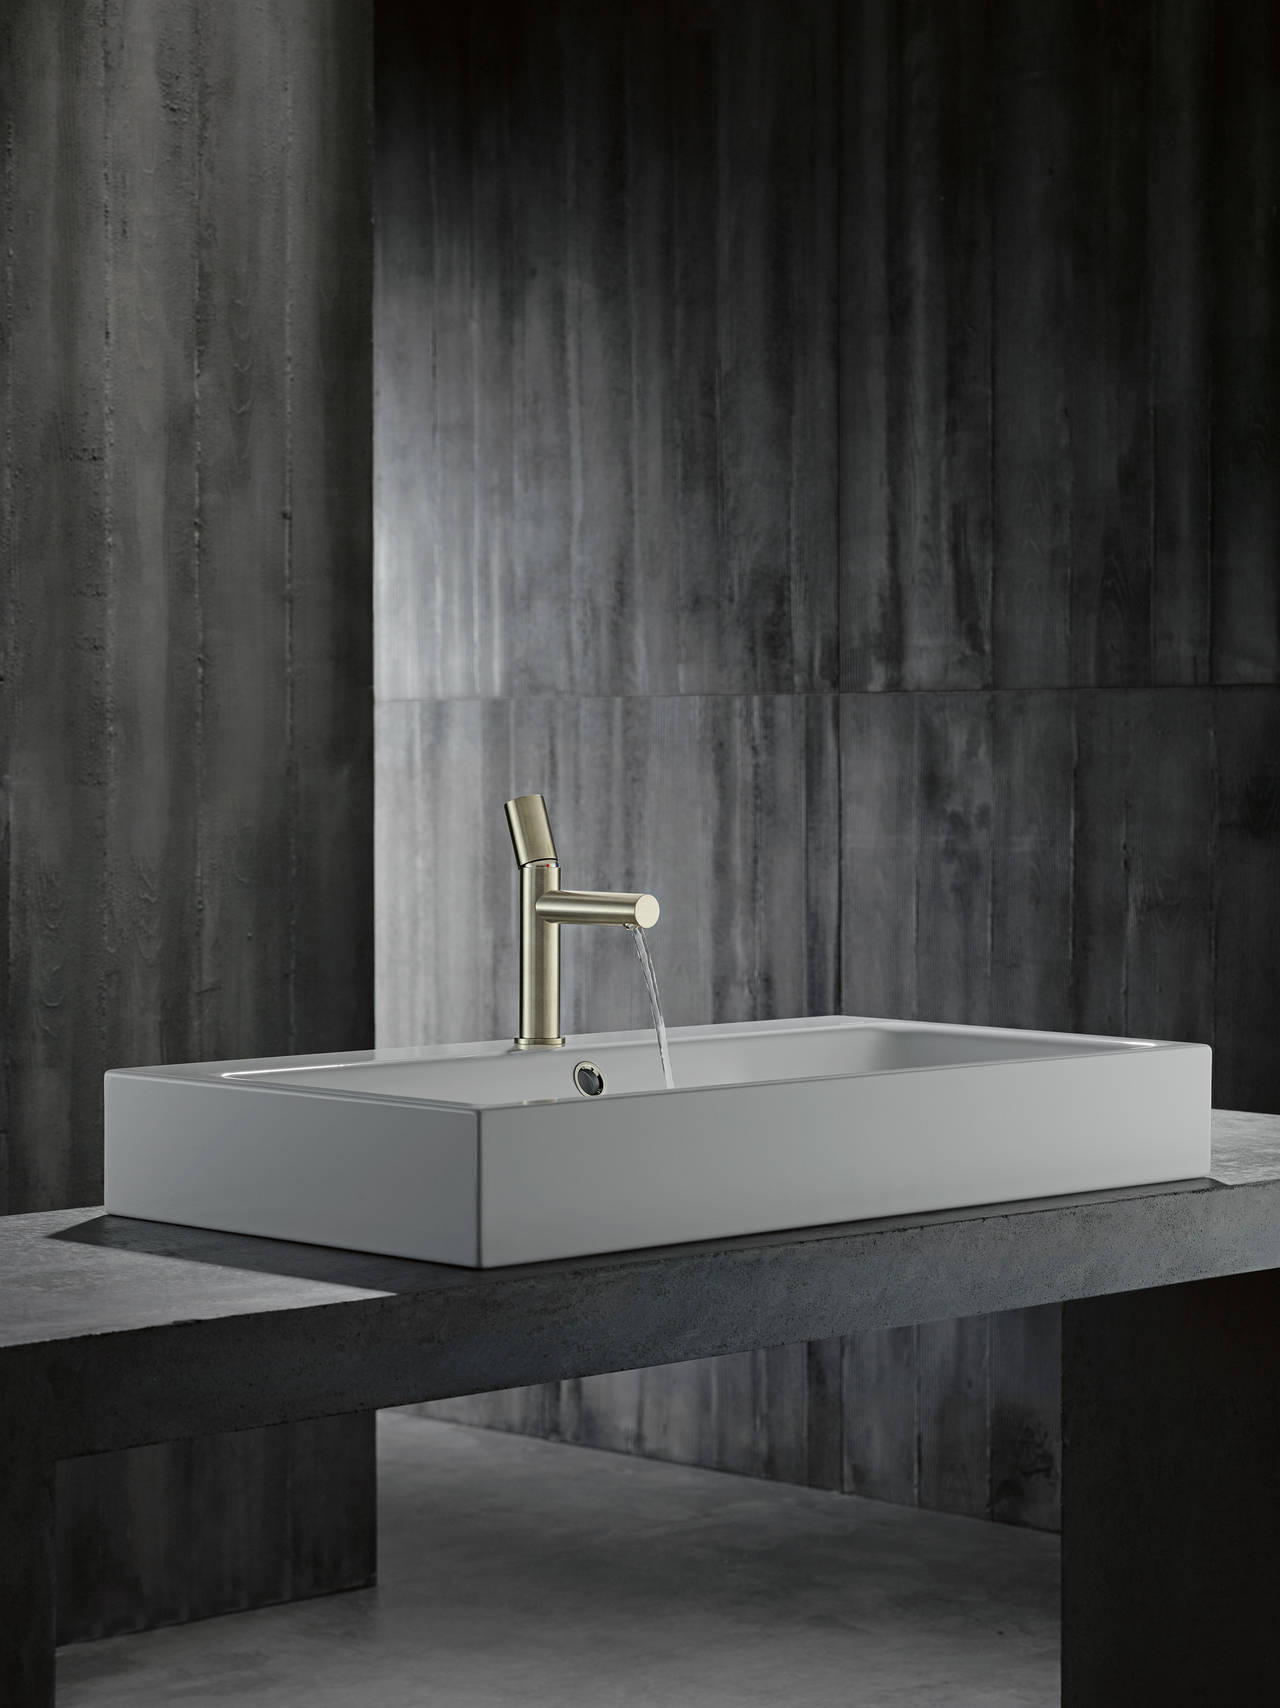 Axor Uno miscelatore monocomando lavabo con manopola zero nickel spazzolato